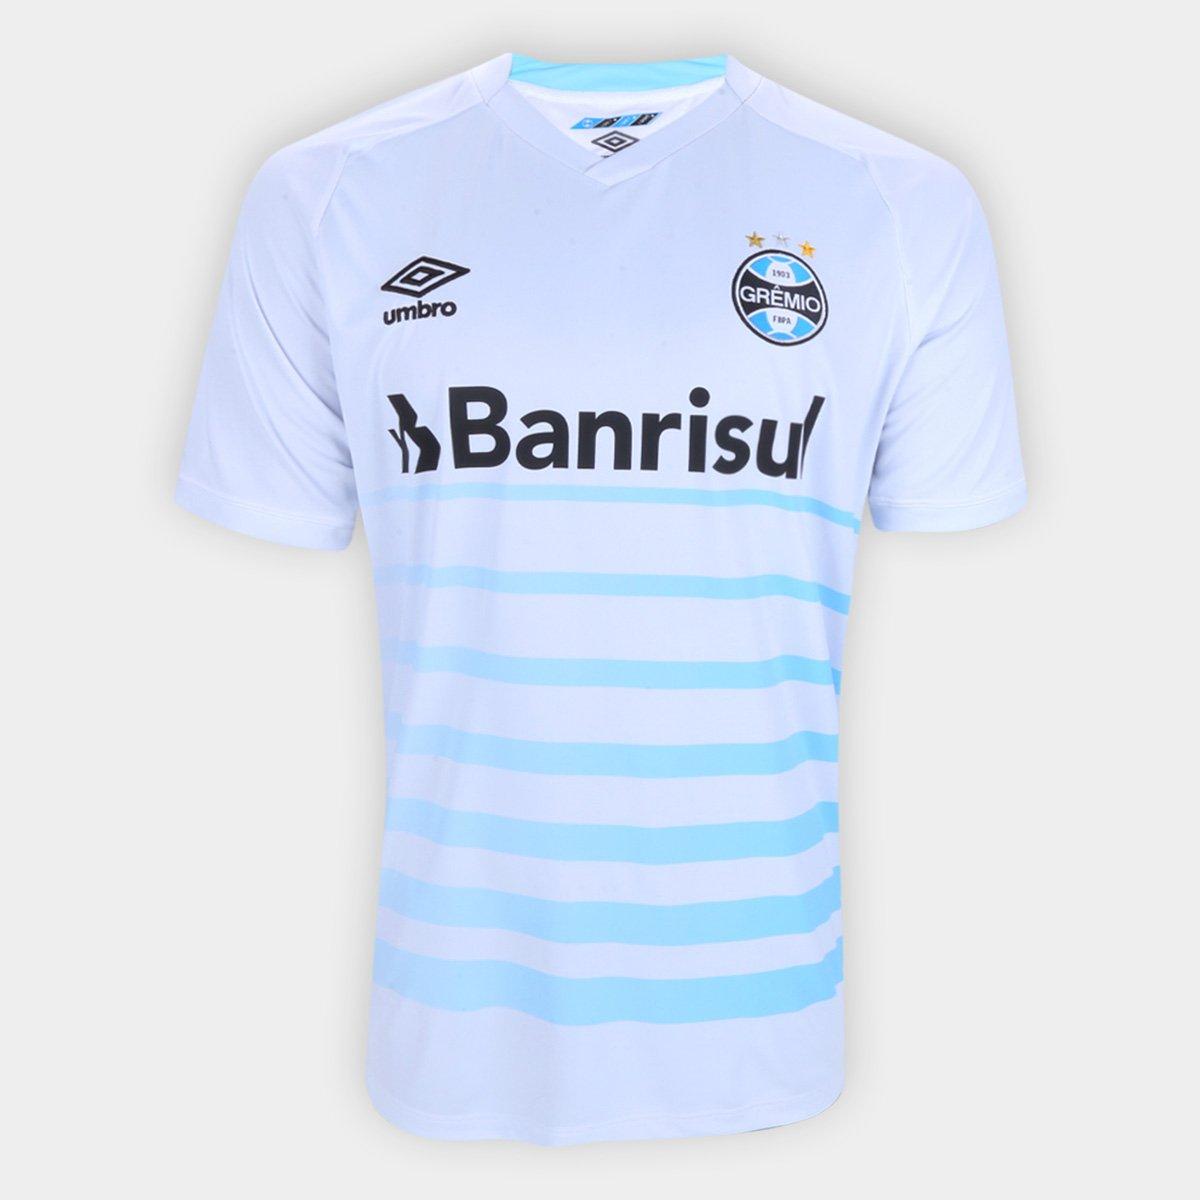 Camisa Grêmio II 21/22 s/n° Torcedor Umbro Masculina